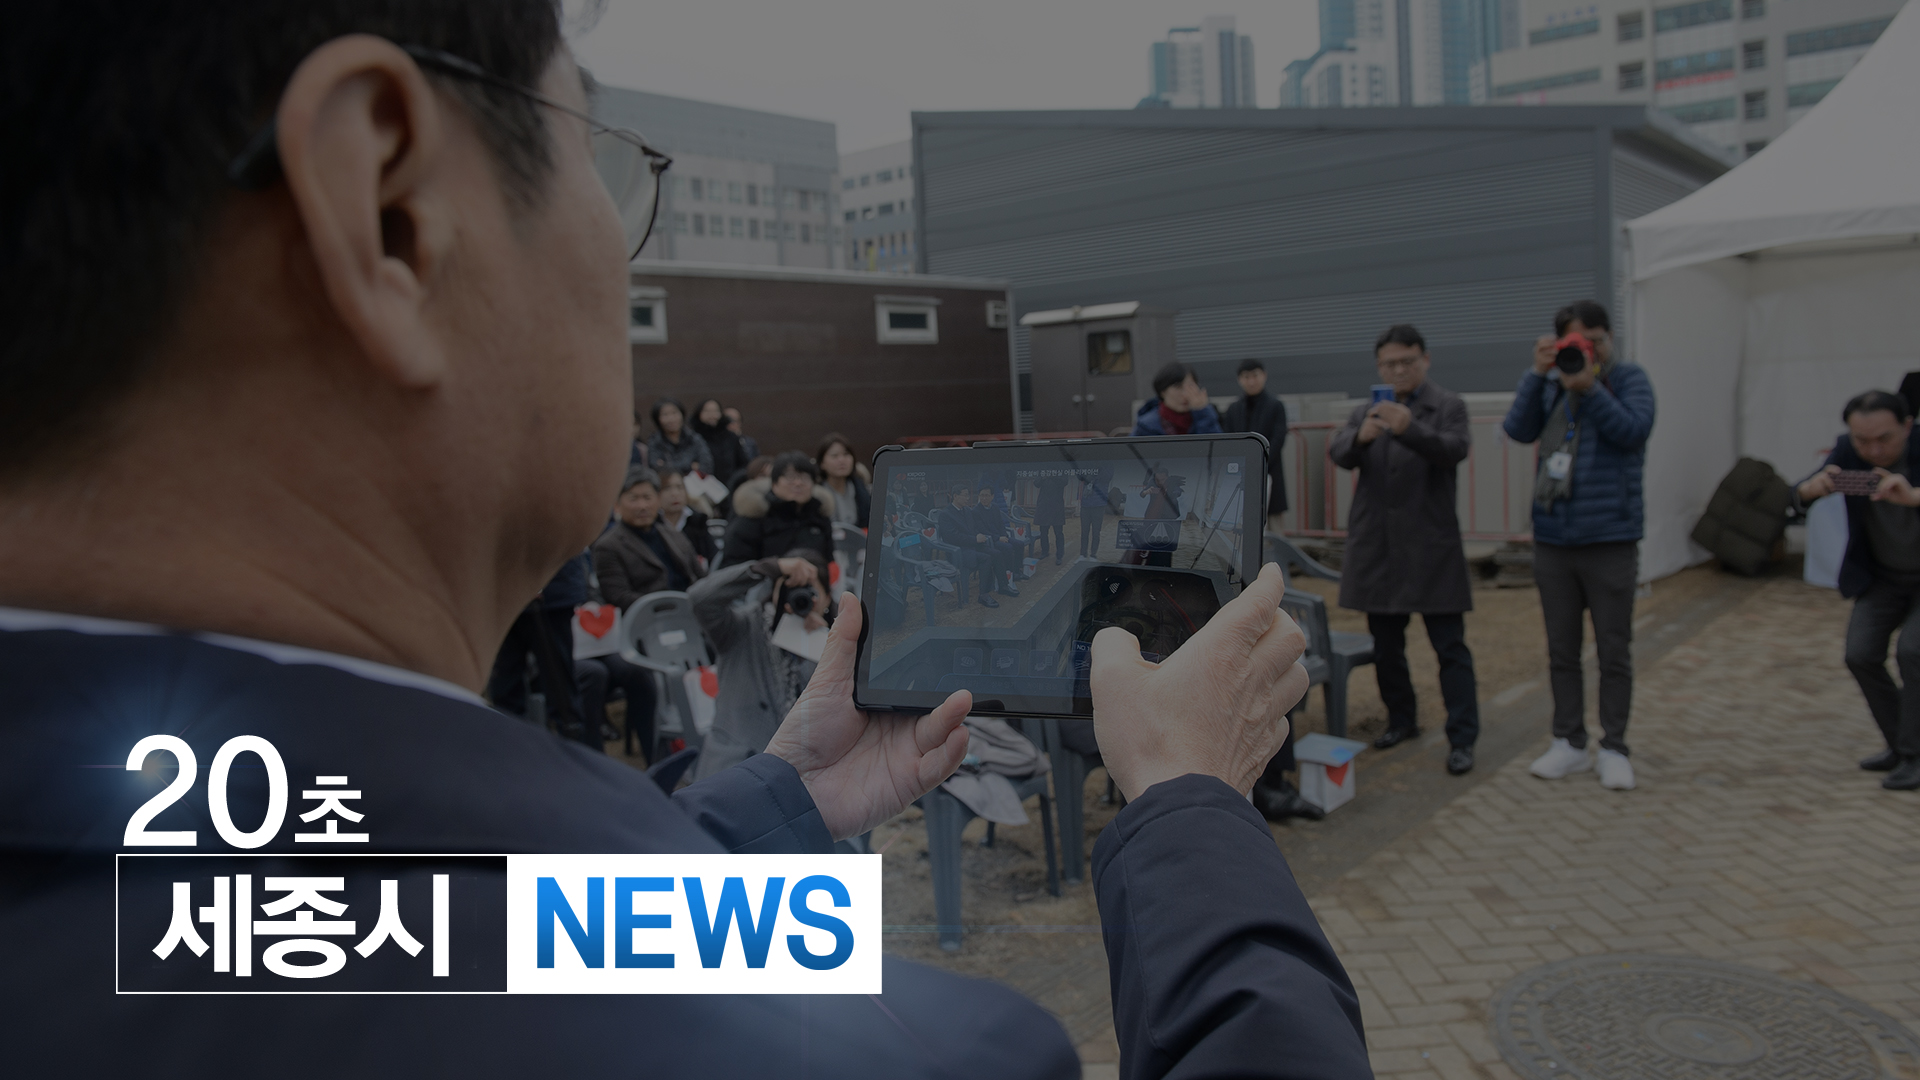 <20초뉴스> 세종시-한전연구원 스마트 전력관리기술 연구 업무협약